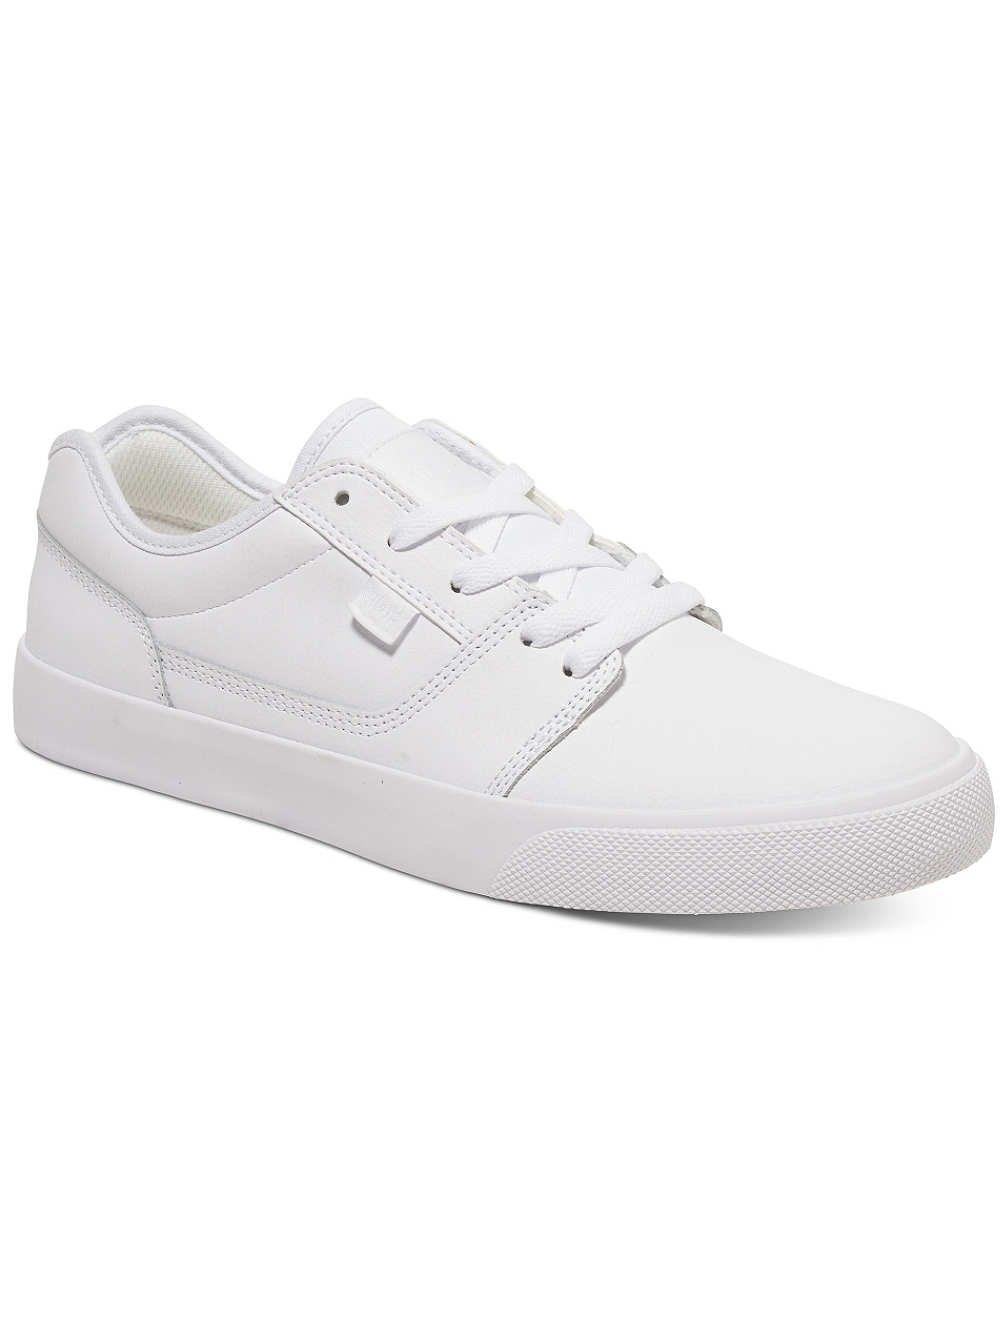 DC TONIK Unisex-Erwachsene Sneakers  Wei?|Wei?